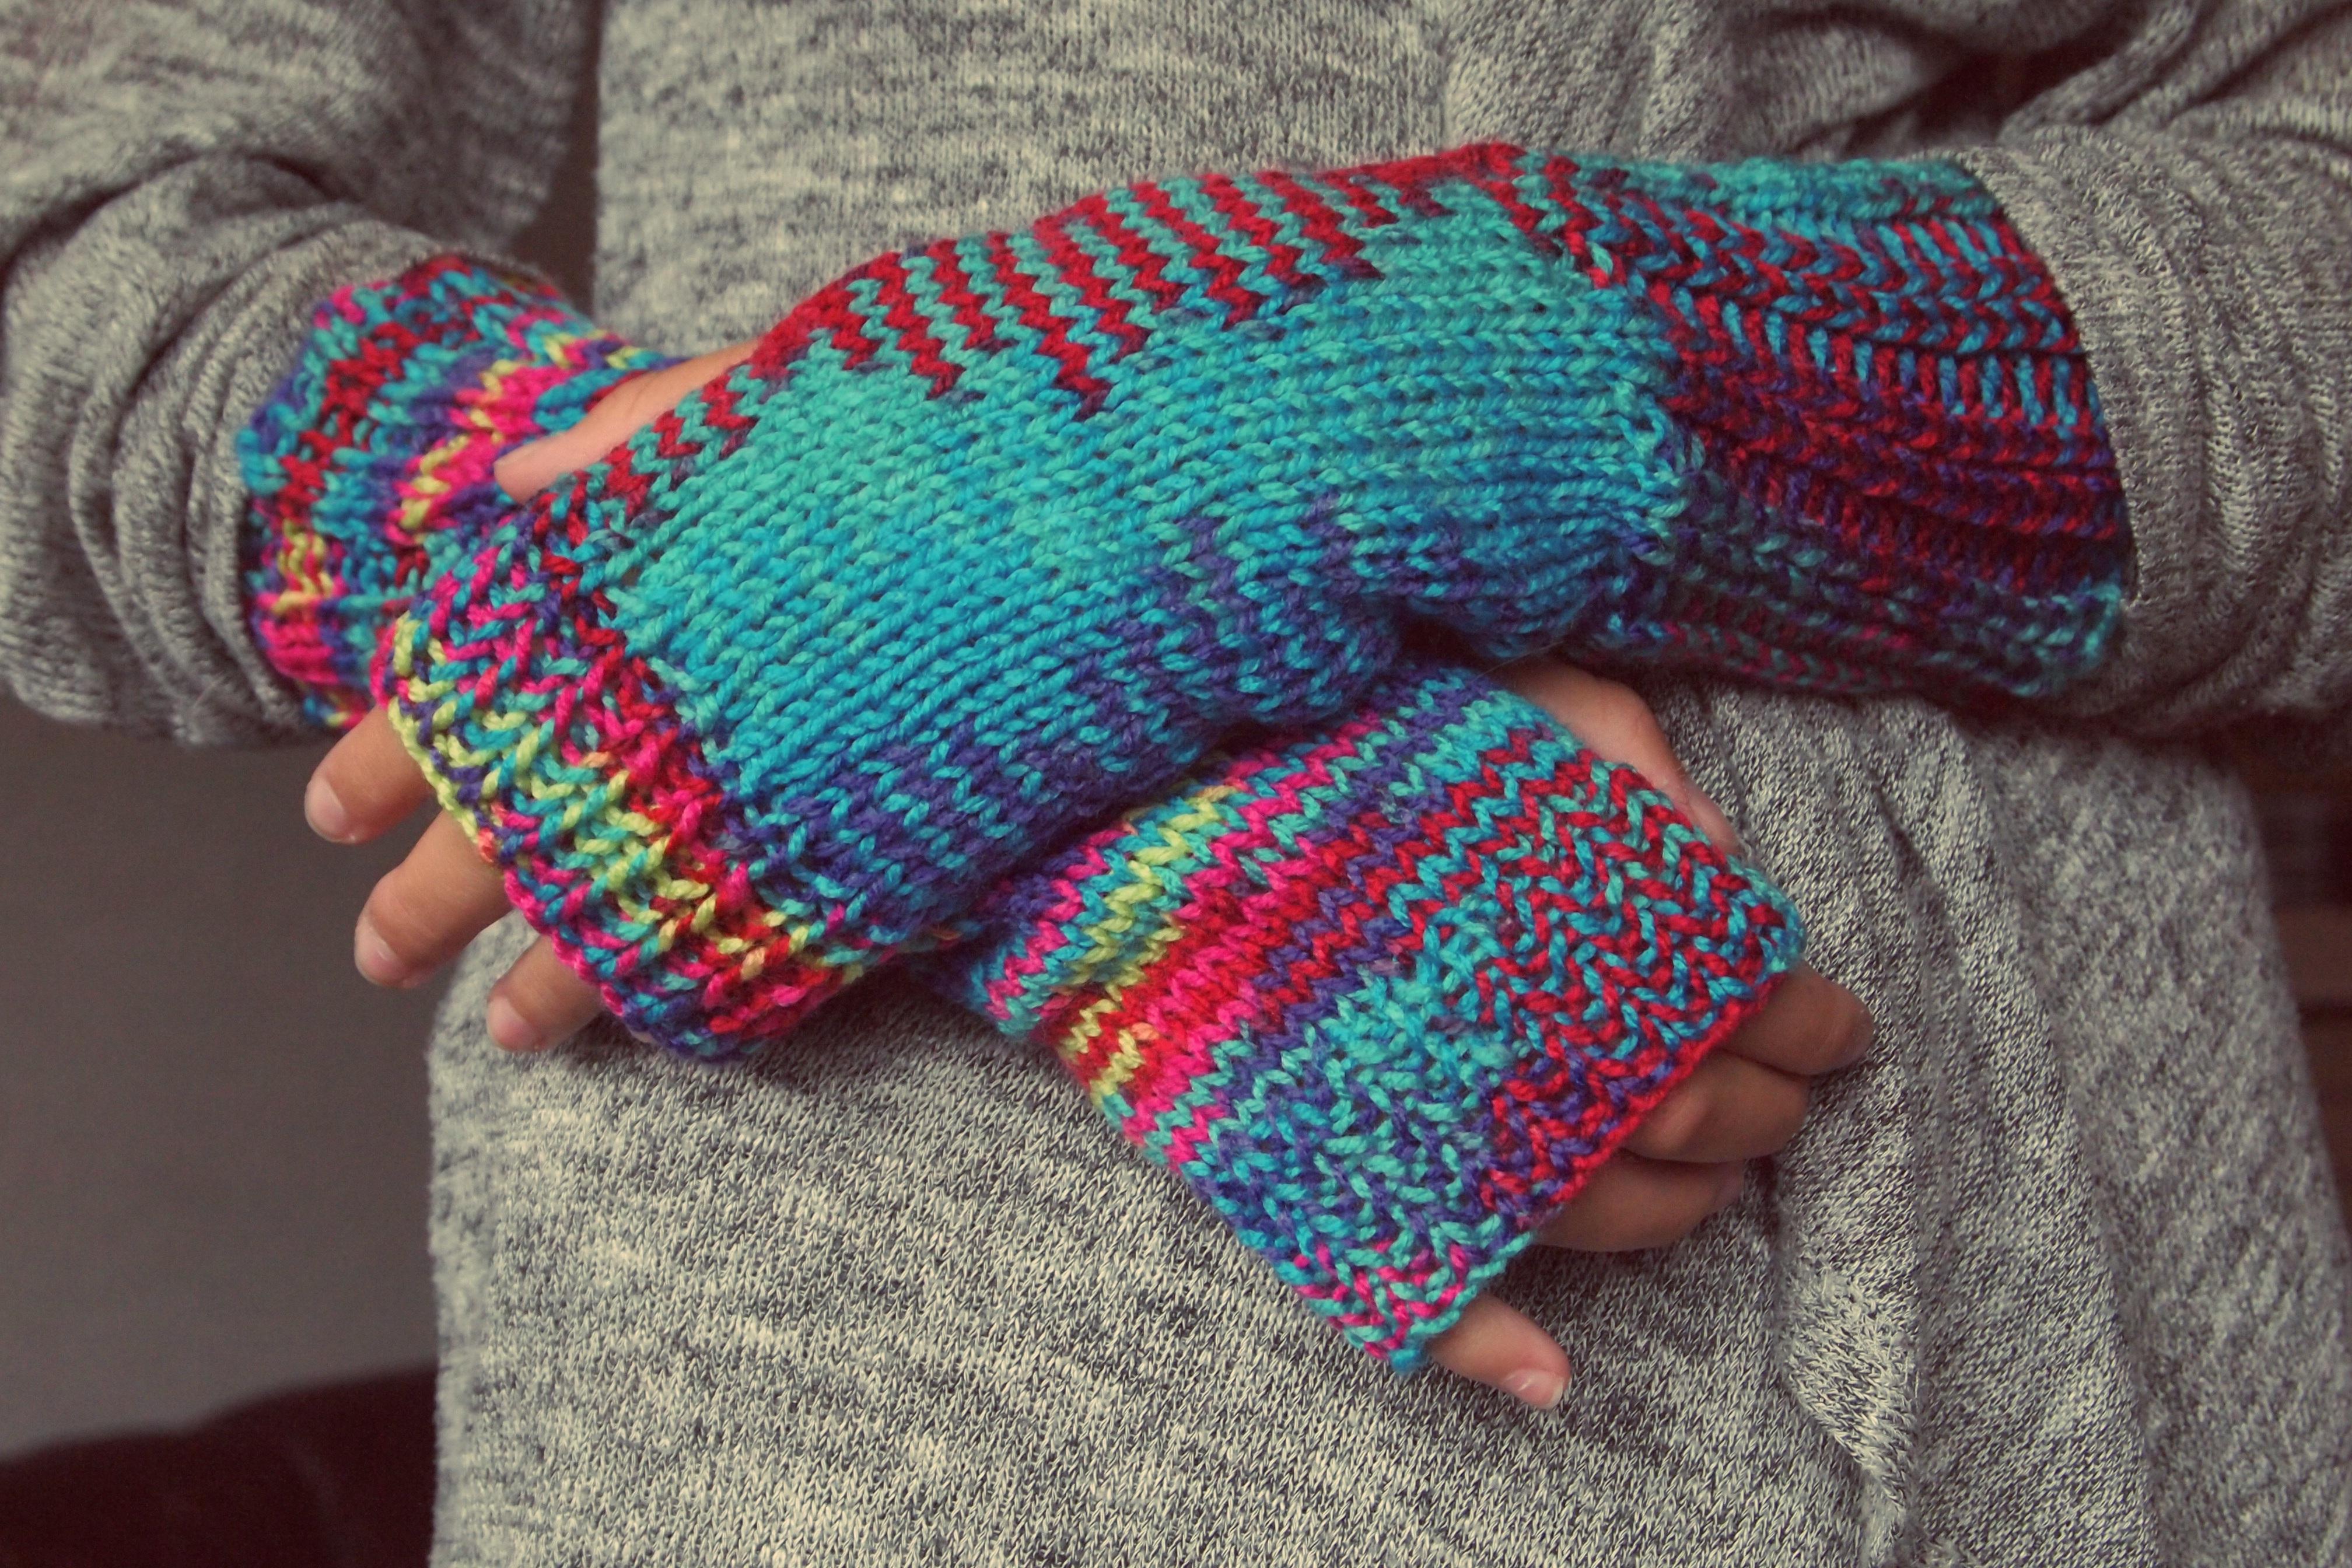 Fotos gratis : invierno, patrón, lana, hilo, tejer, tejido de punto ...